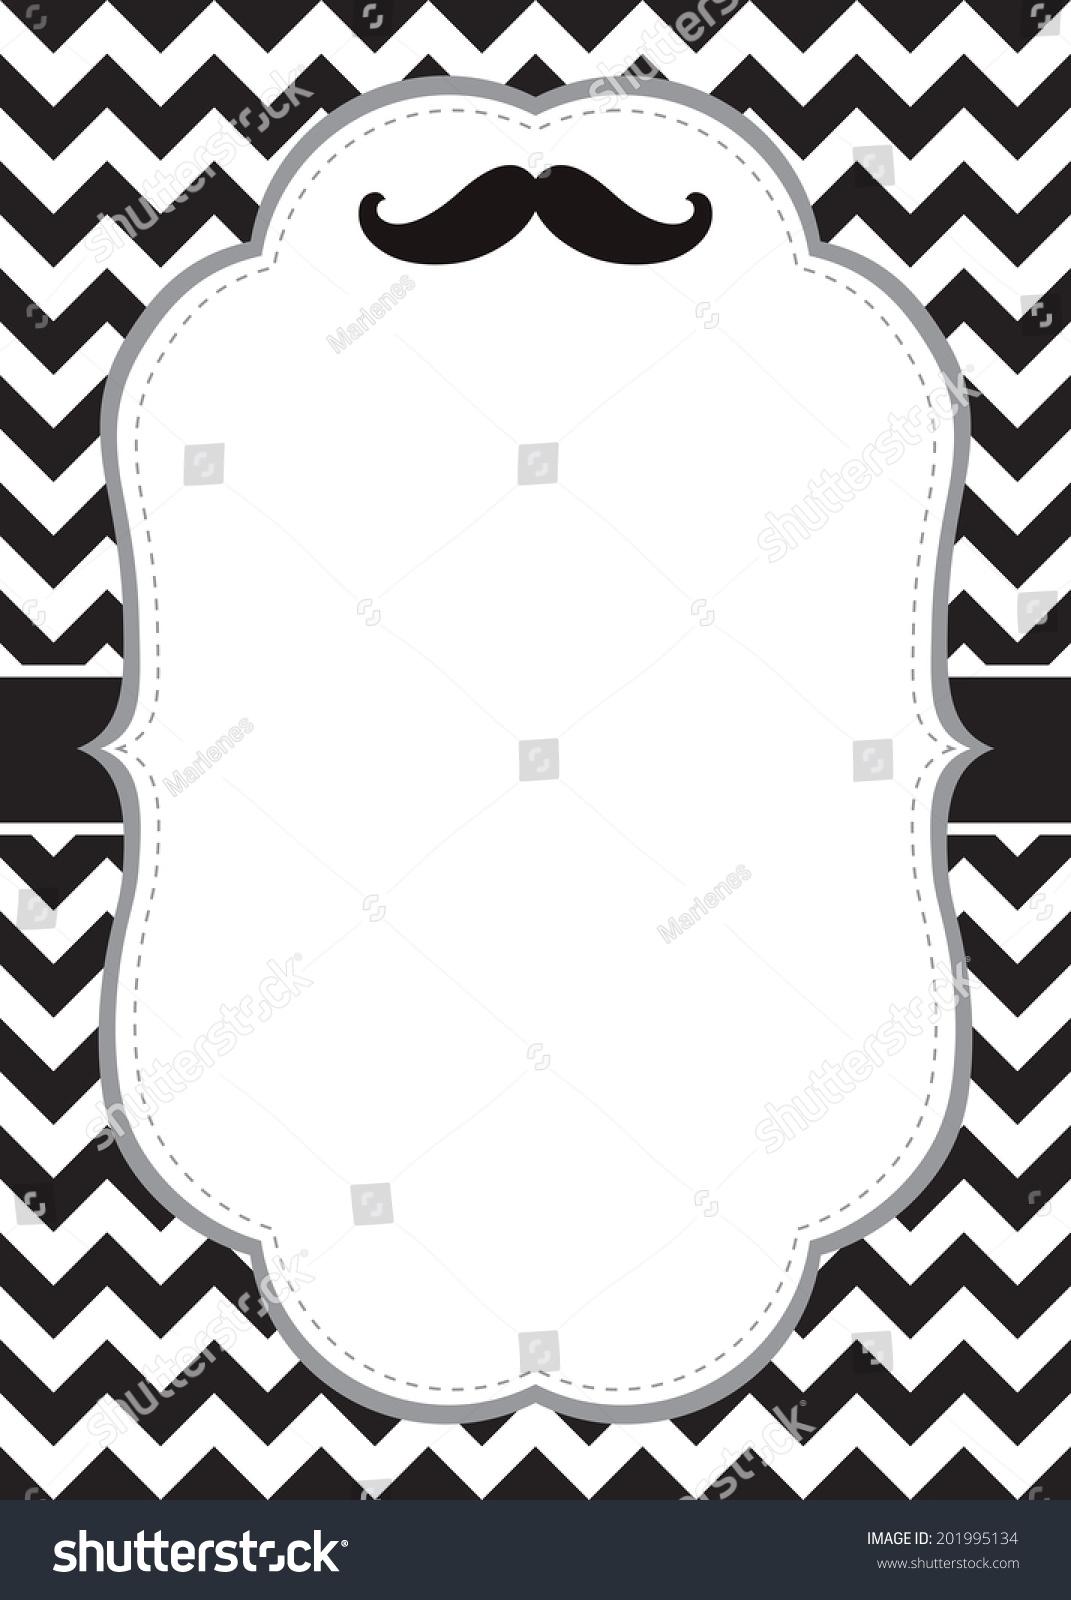 mustache card template stock vector 201995134 shutterstock